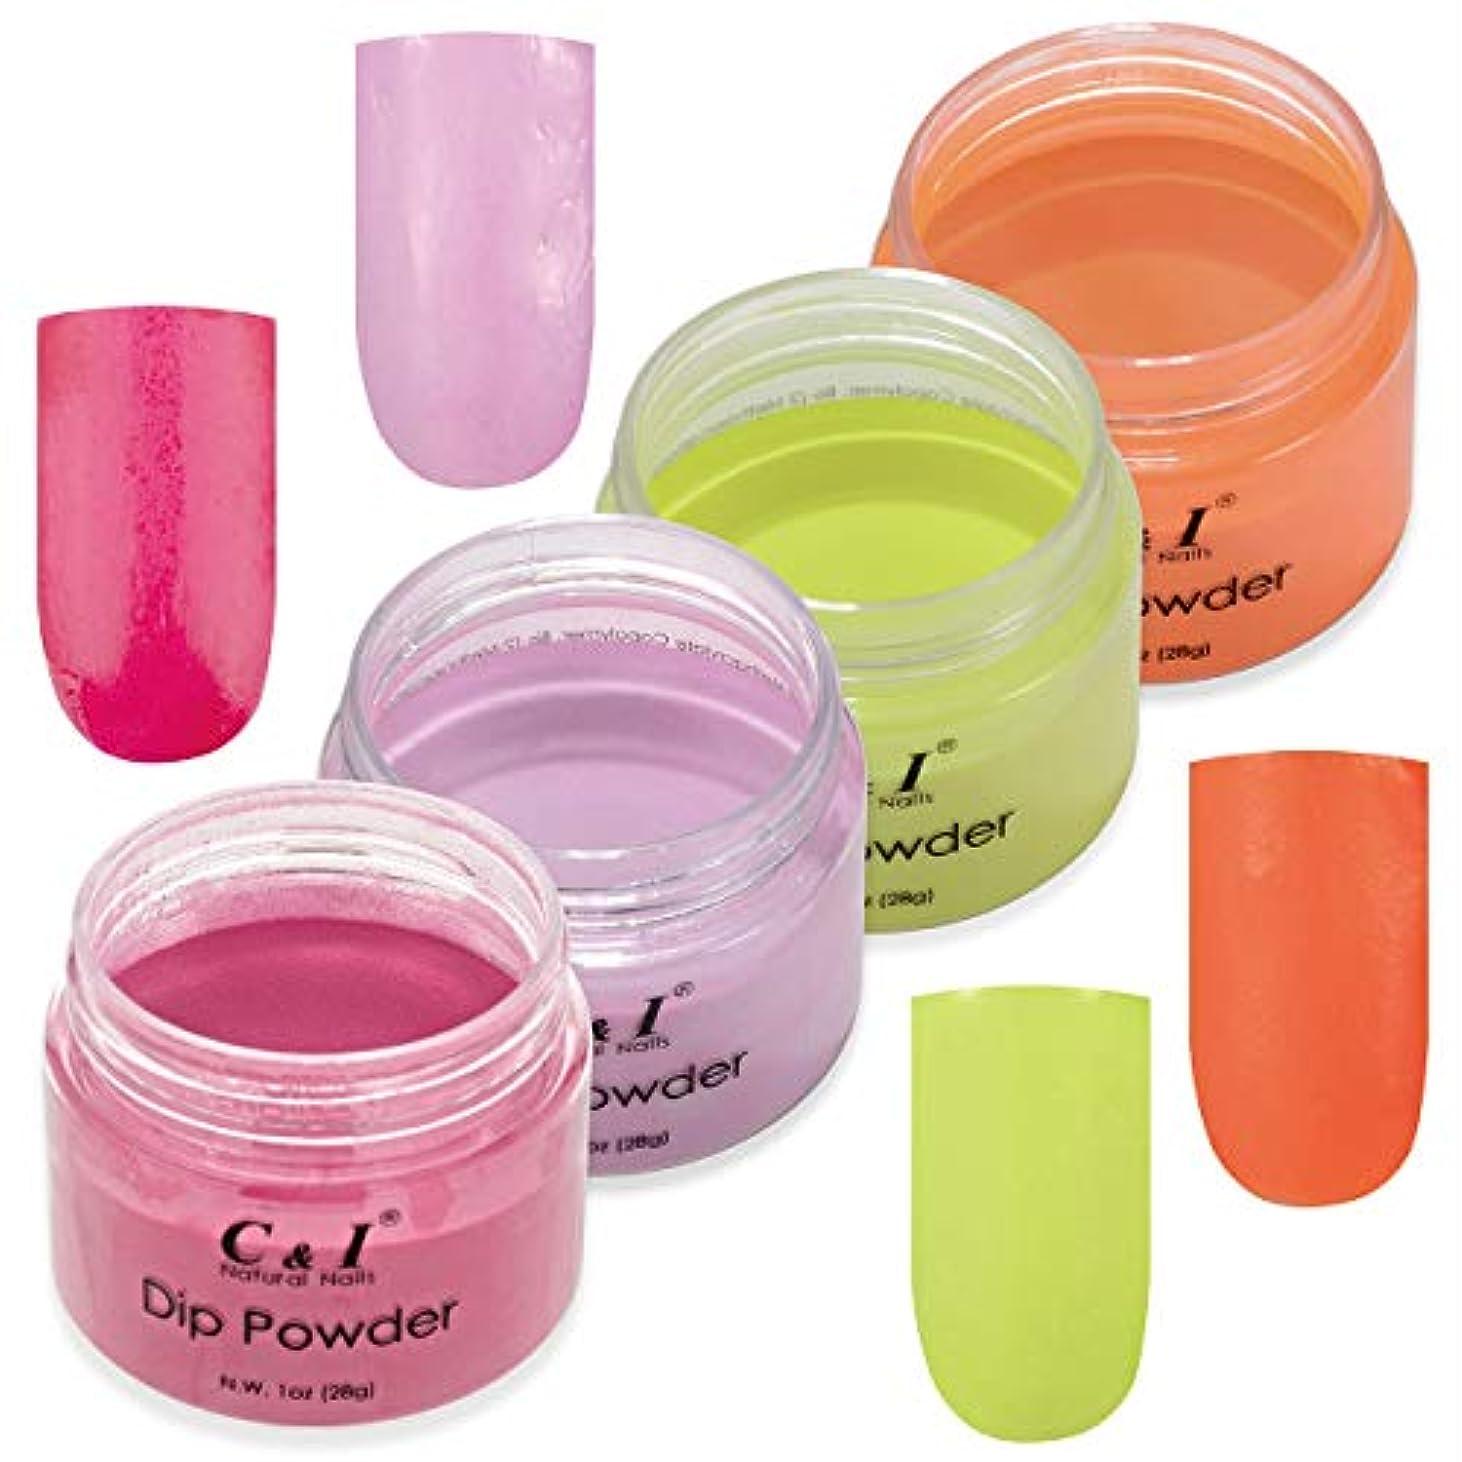 ウォーターフロントコマンド上に築きますC & I Dip Powder Nail Colors & Liquids Set, 4 colors and 4 liquids, Gel Nail Effect Colors, N.W. 28 g * 4 pcs...